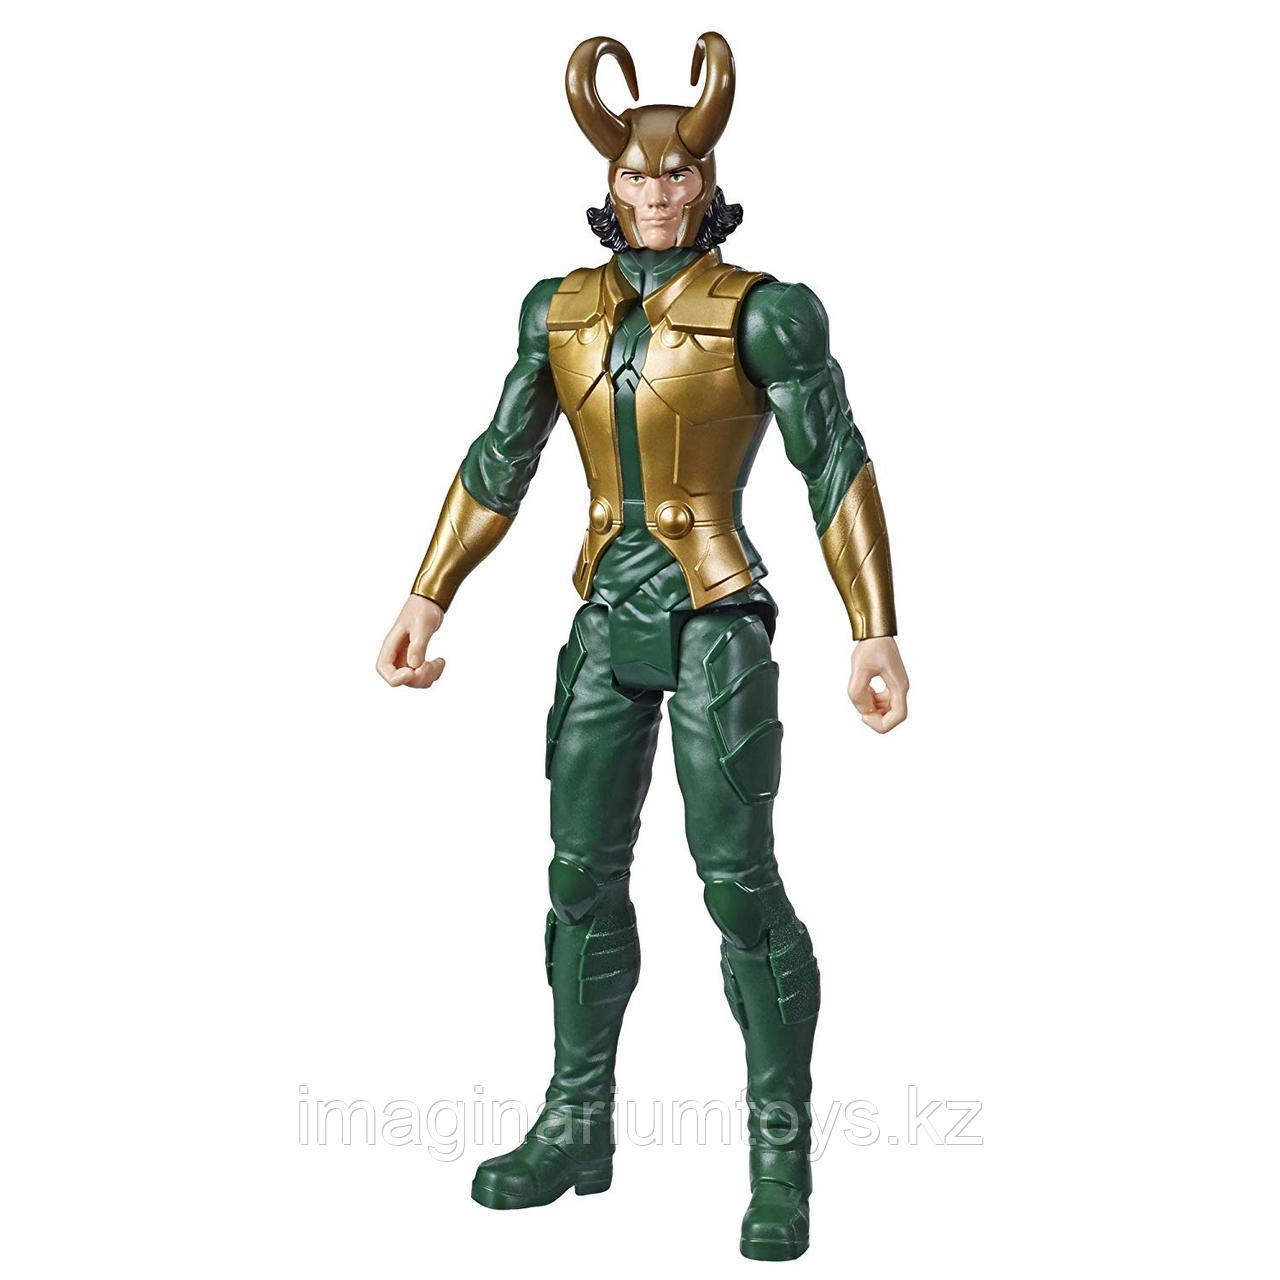 Фигурка Локи Marvel 30 см